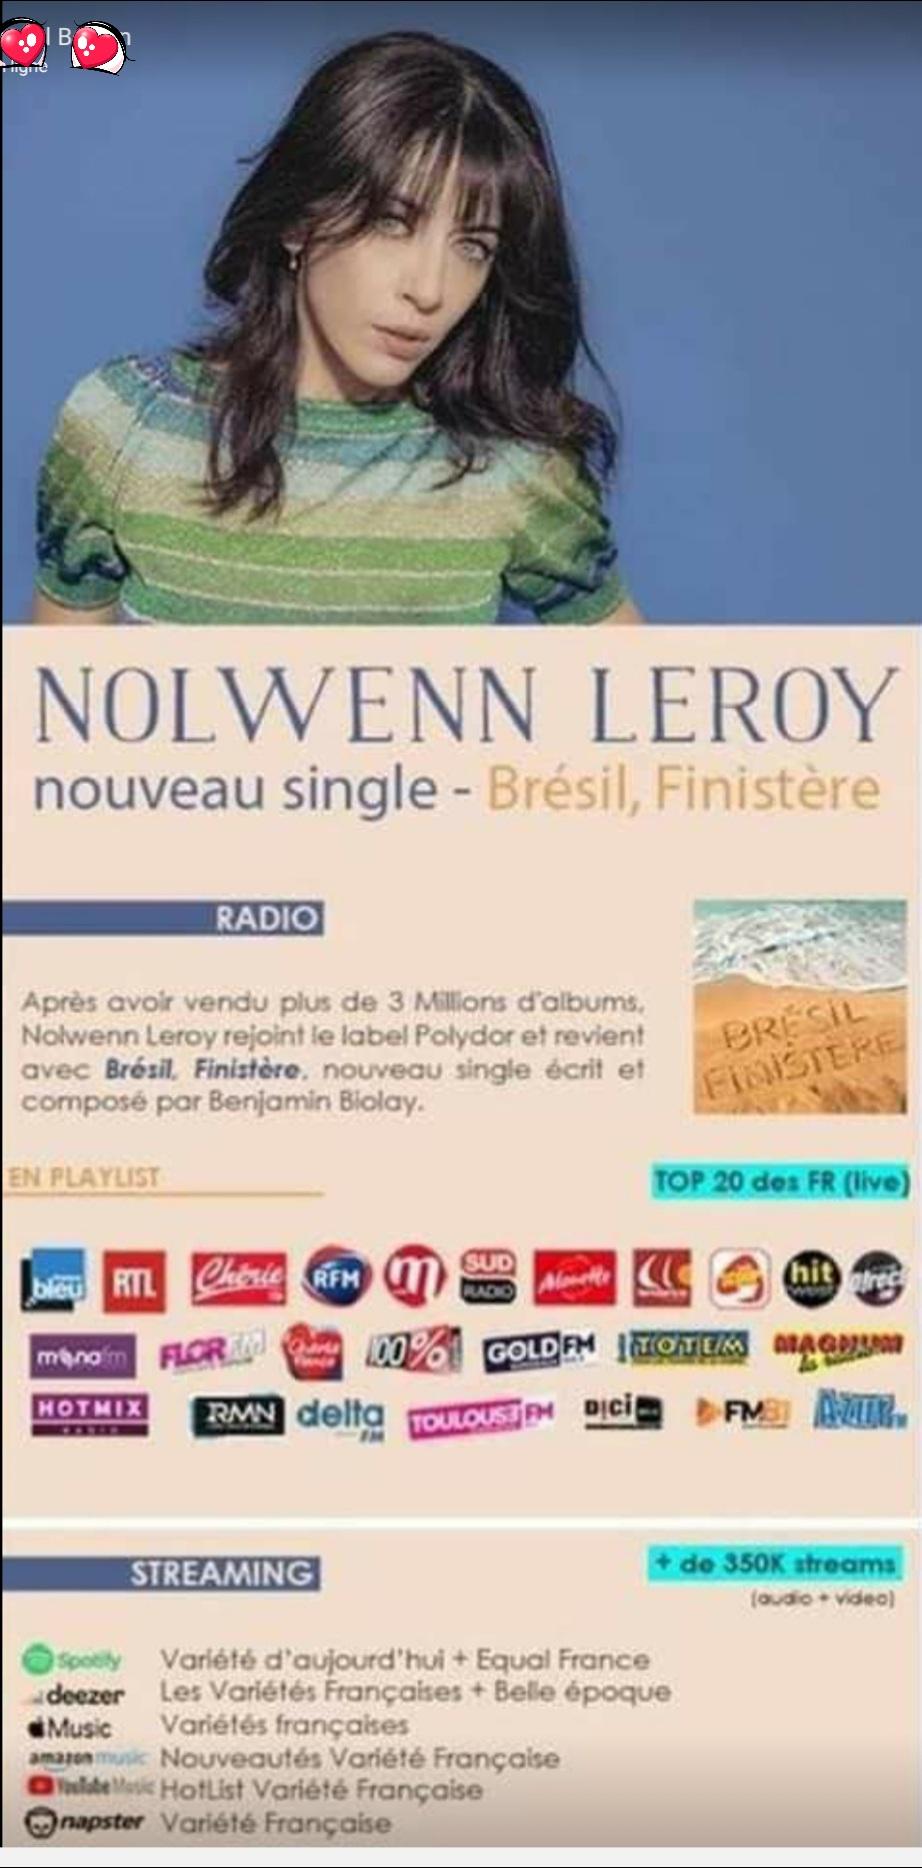 Nolwenn Leroy 20210710